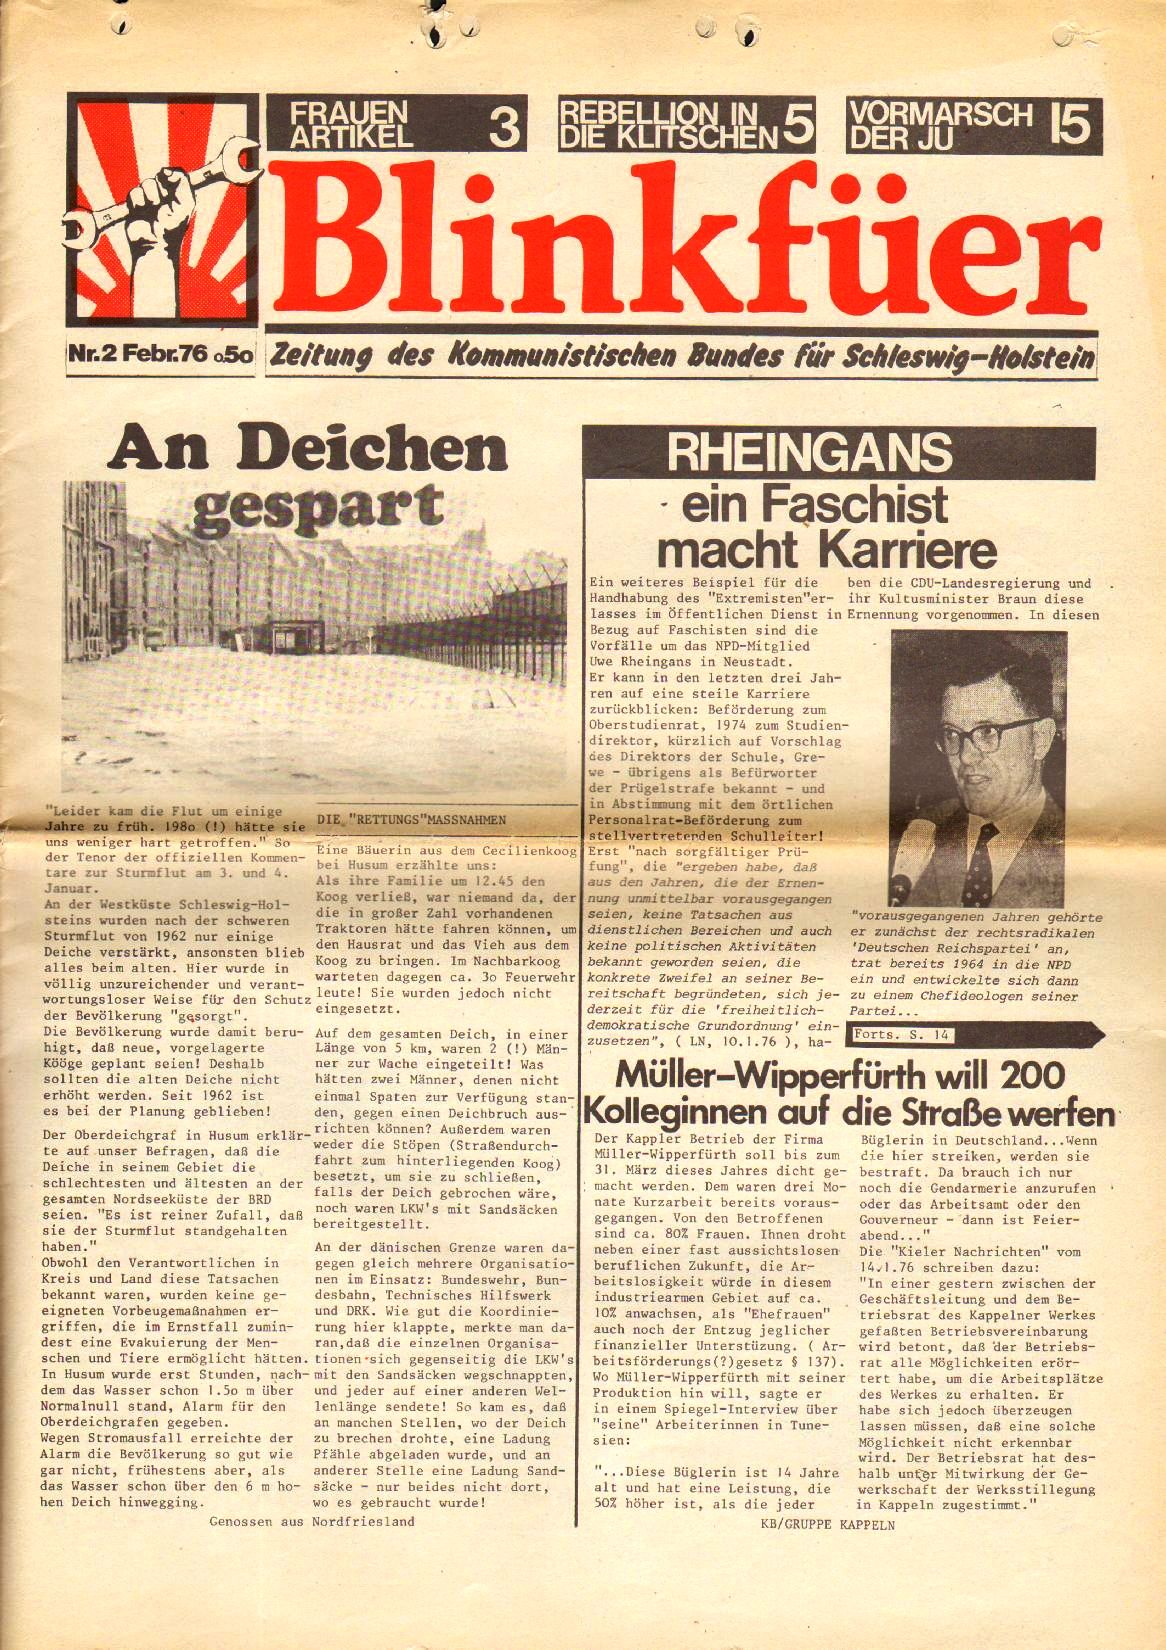 Blinkfuer061